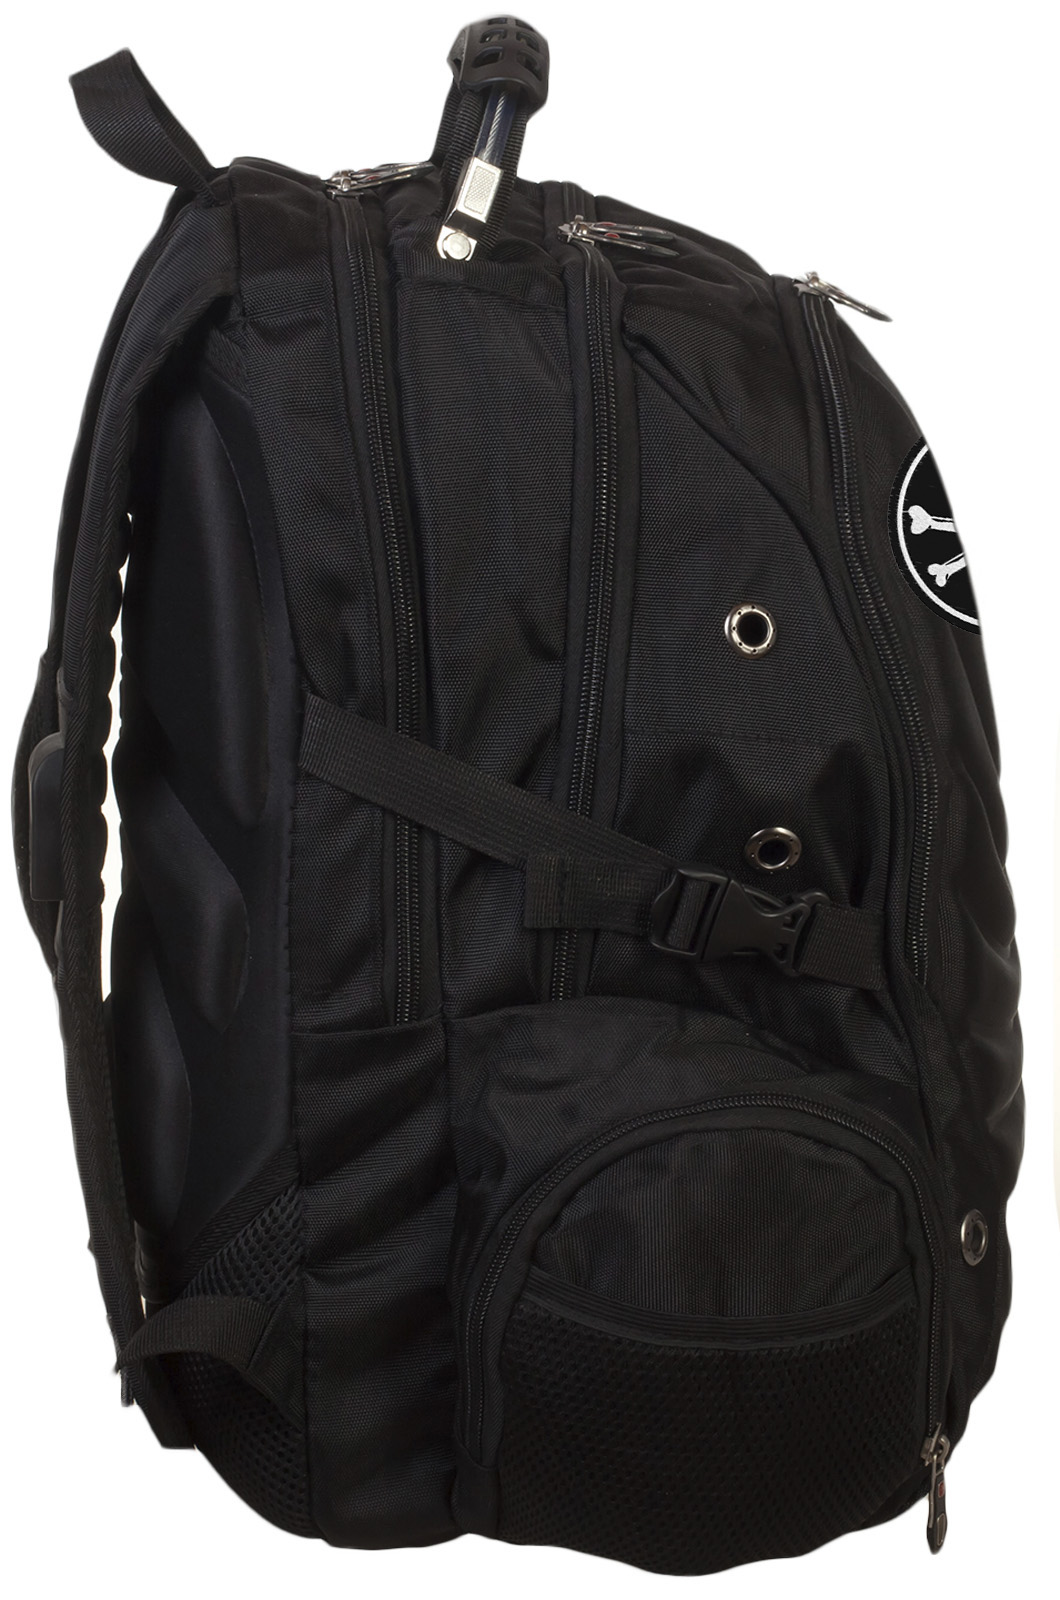 Черный надежный рюкзак с нашивкой Пиратский флаг - заказать оптом